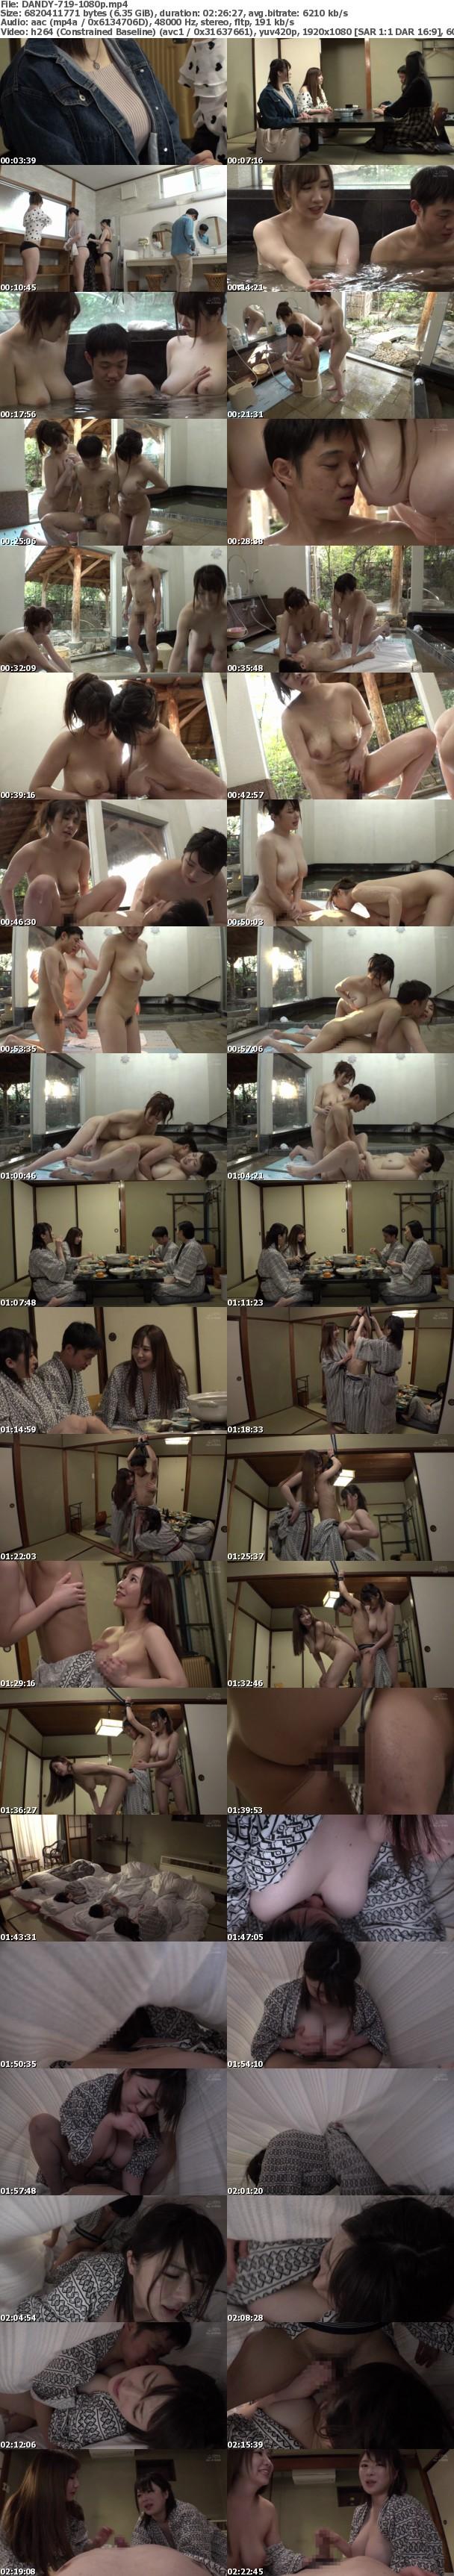 (Full HD) DANDY-719 混浴温泉で母親の巨乳ママ友二人に挟まれておもちゃにされた僕